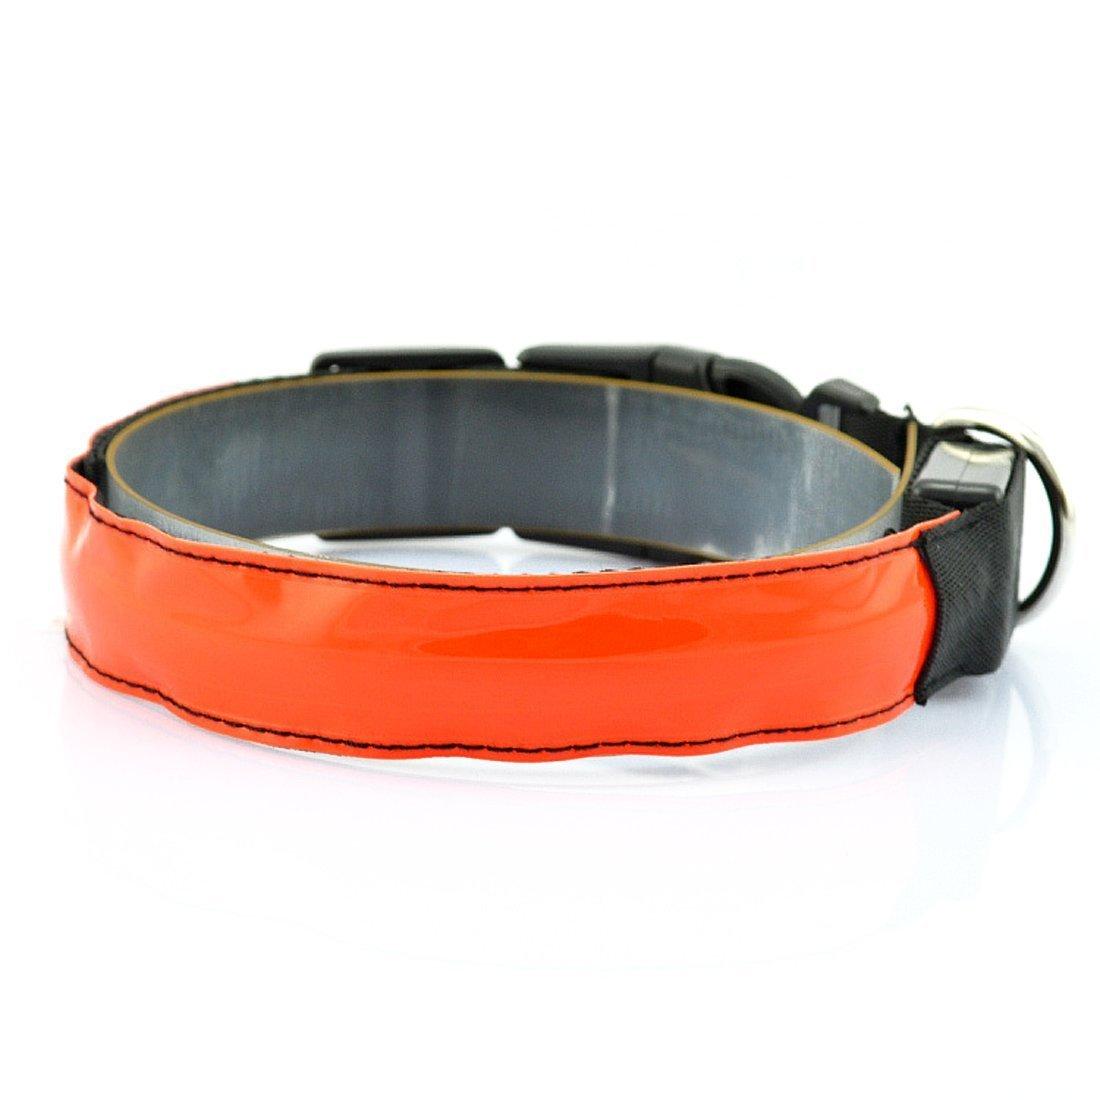 LED collier pour chien lumineux clignotant collier pour chien réfléchissant de sécurité nuit collier pour LovelyLifeAST